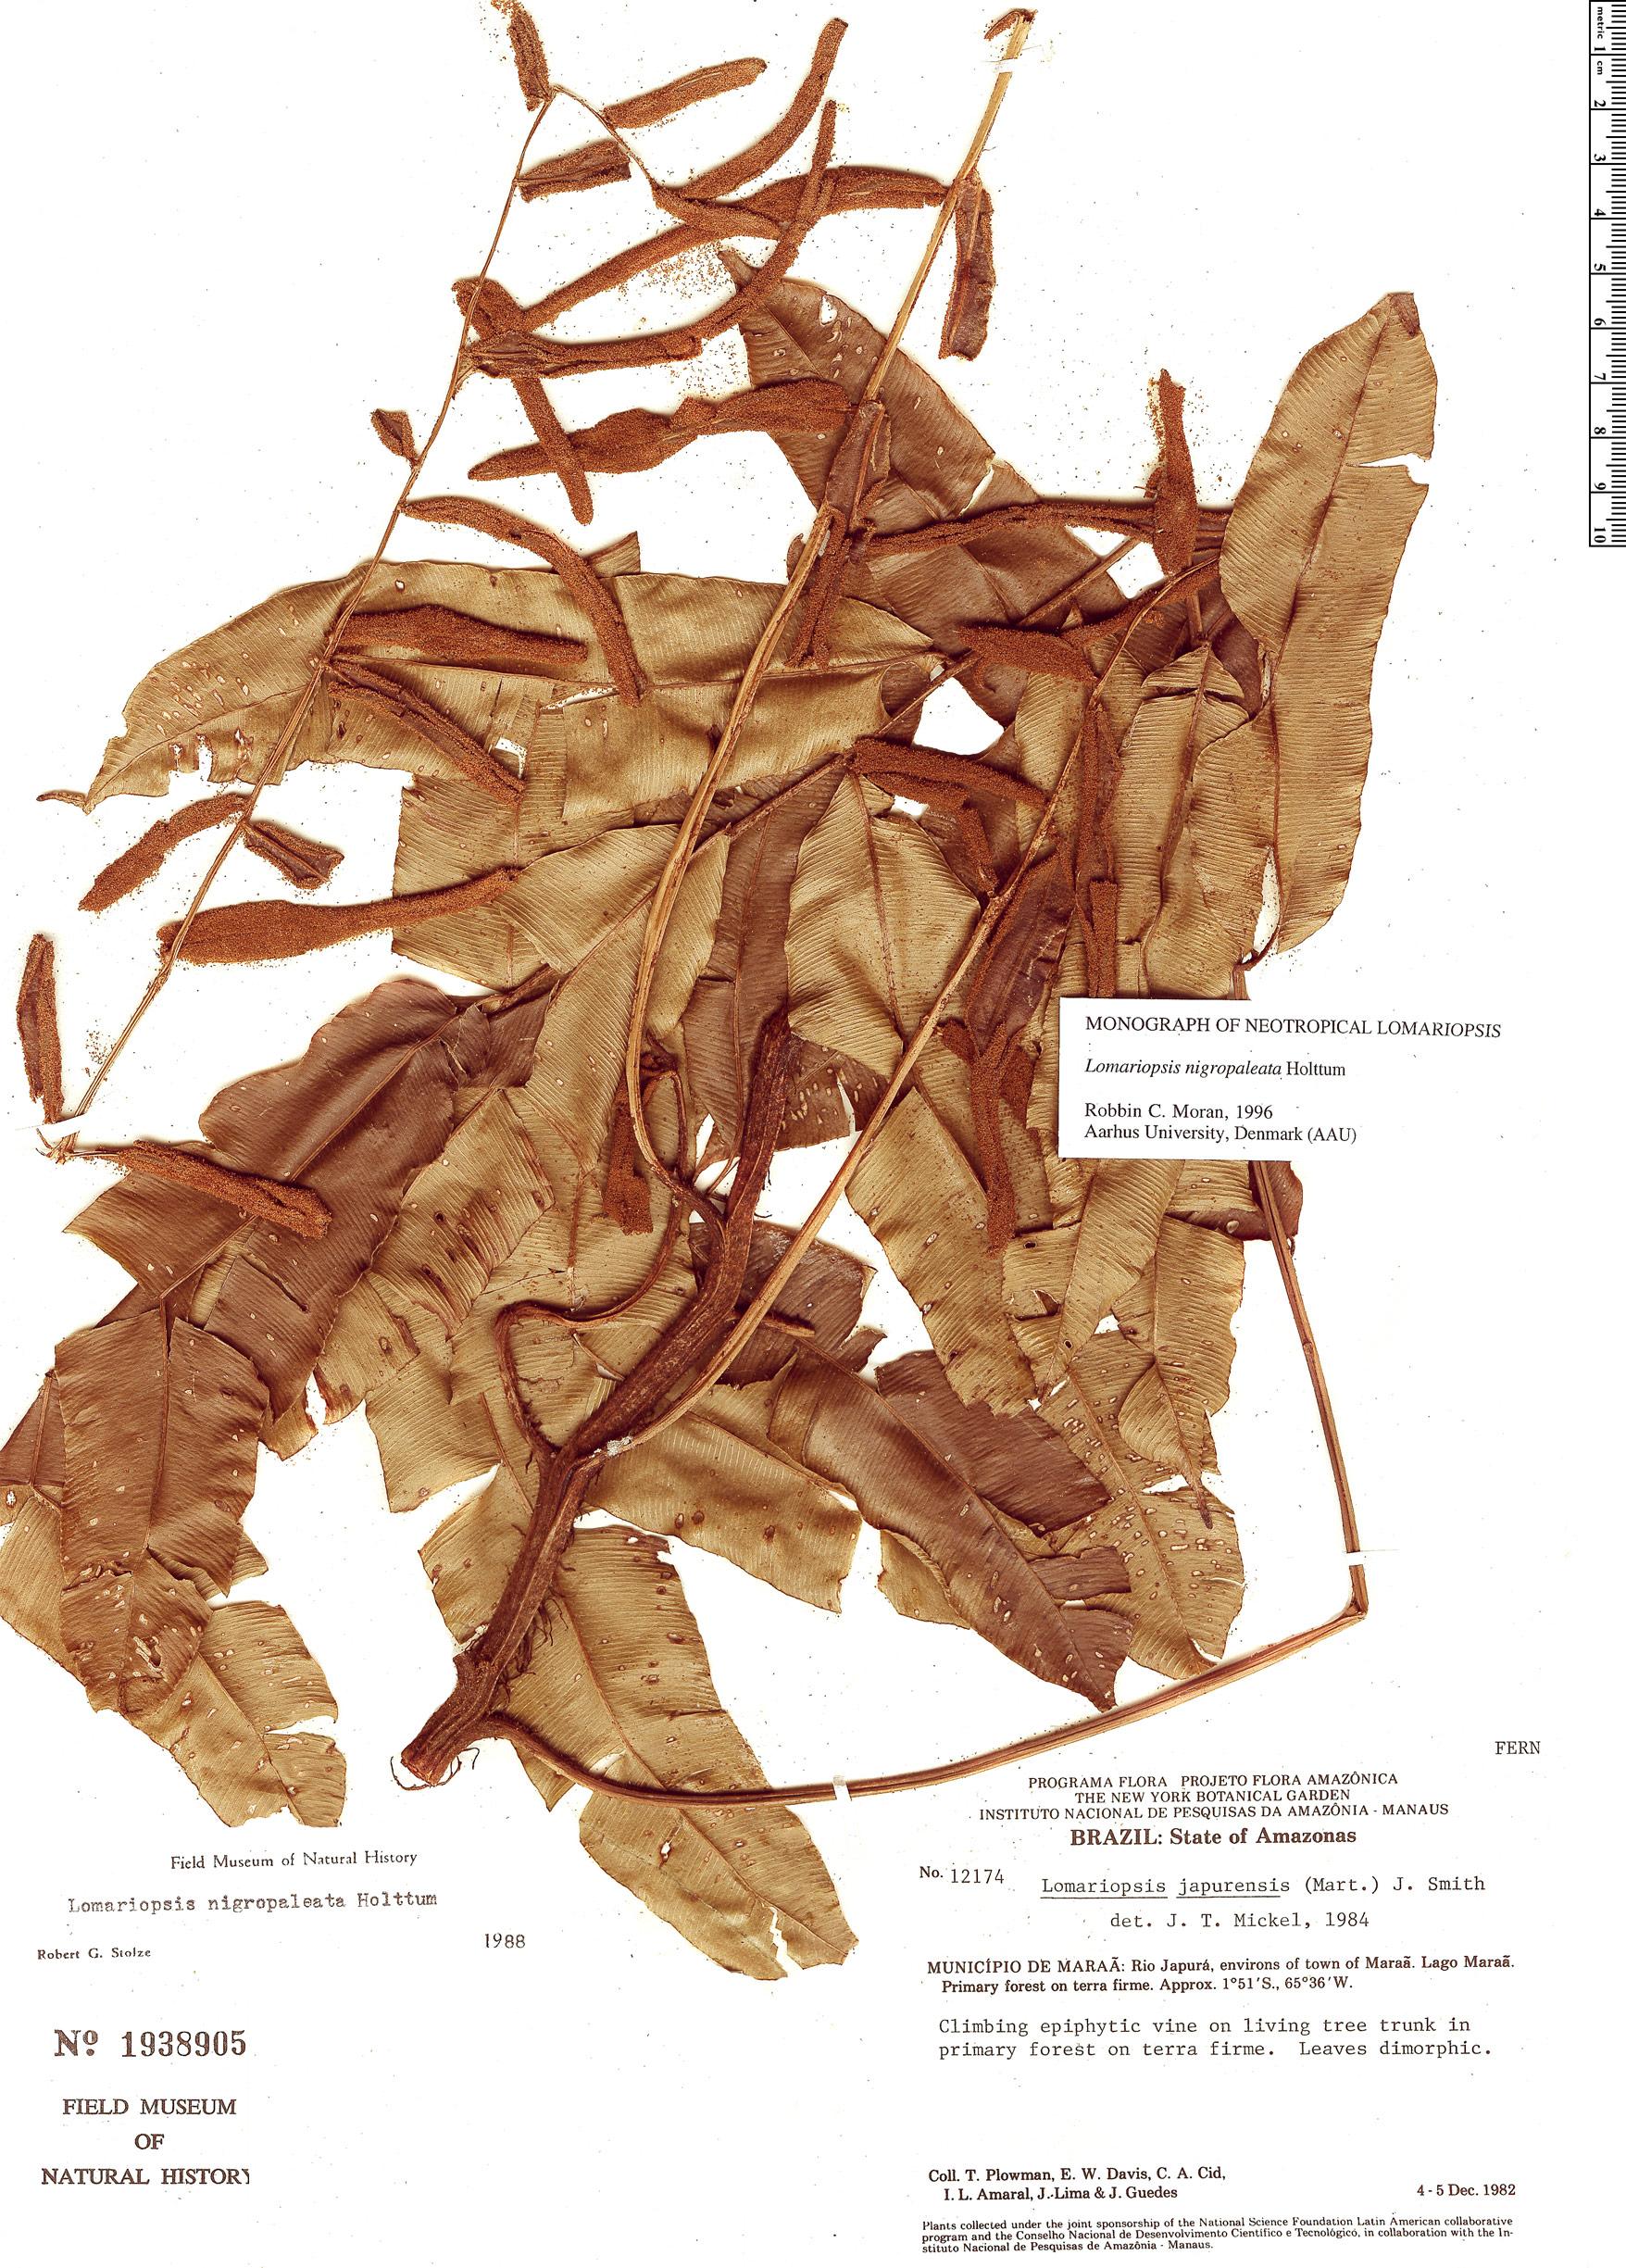 Specimen: Lomariopsis nigropaleata